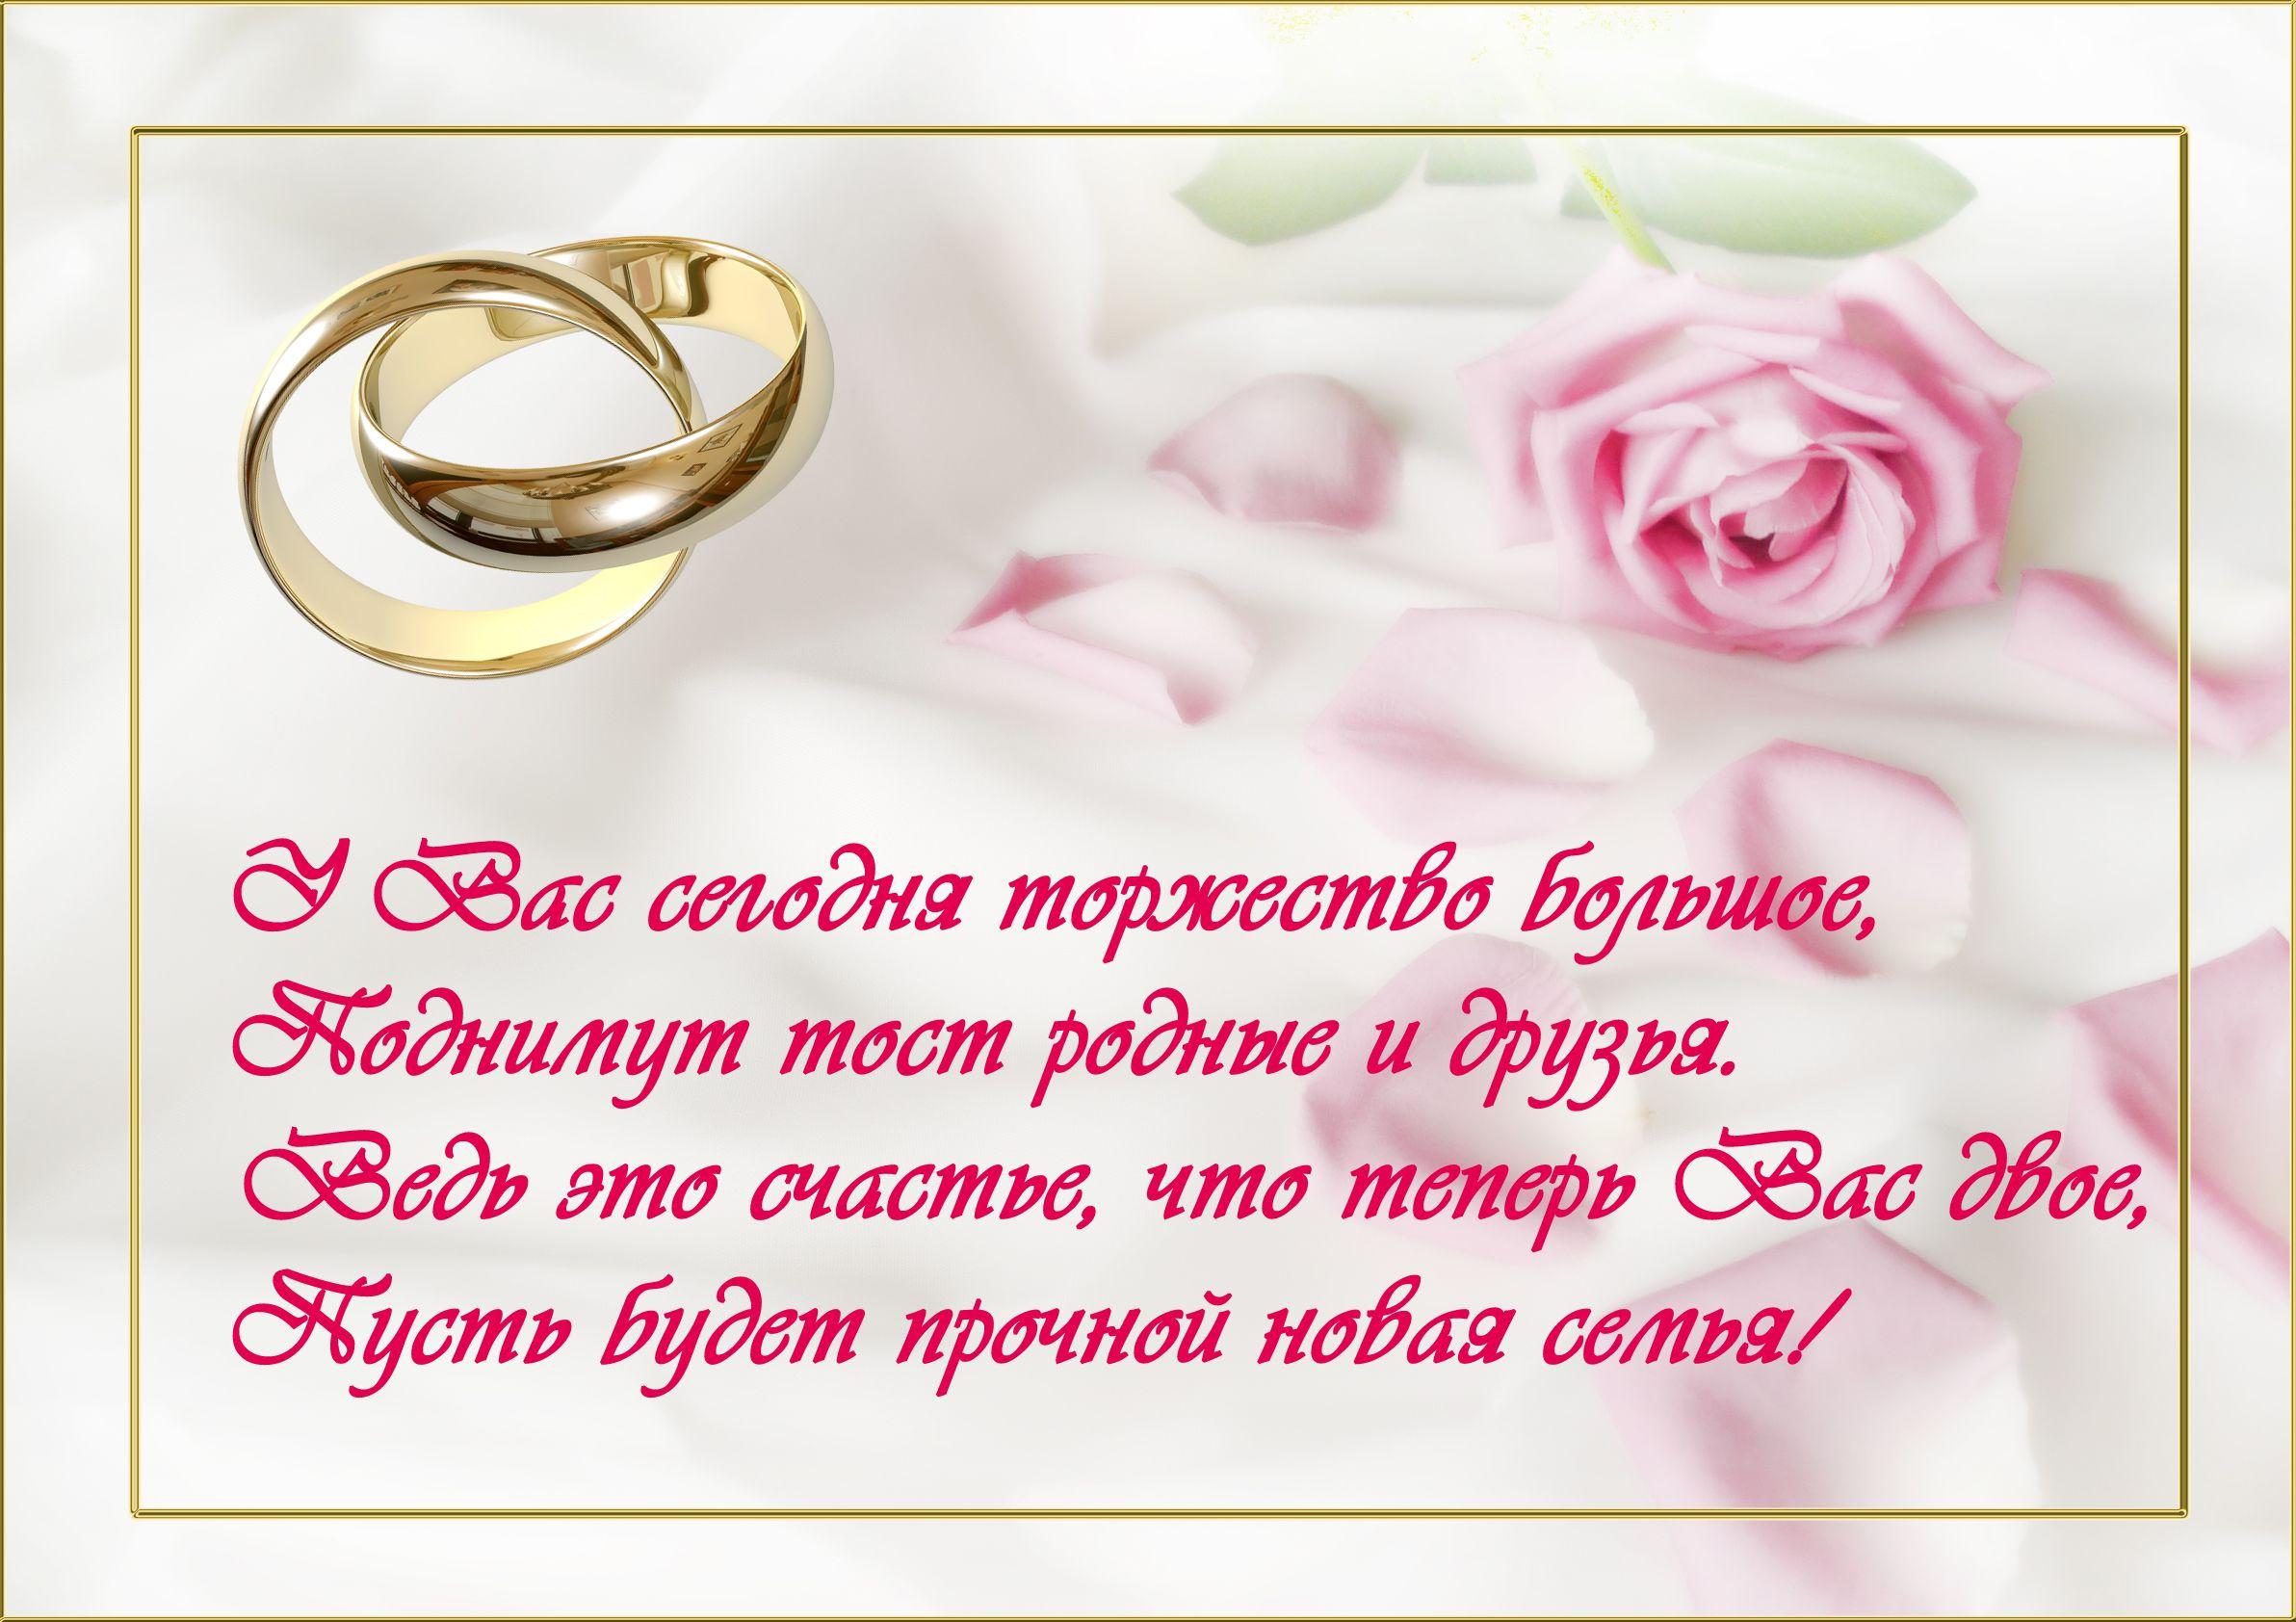 Красивые поздравления молодоженам в день свадьбы в стихах